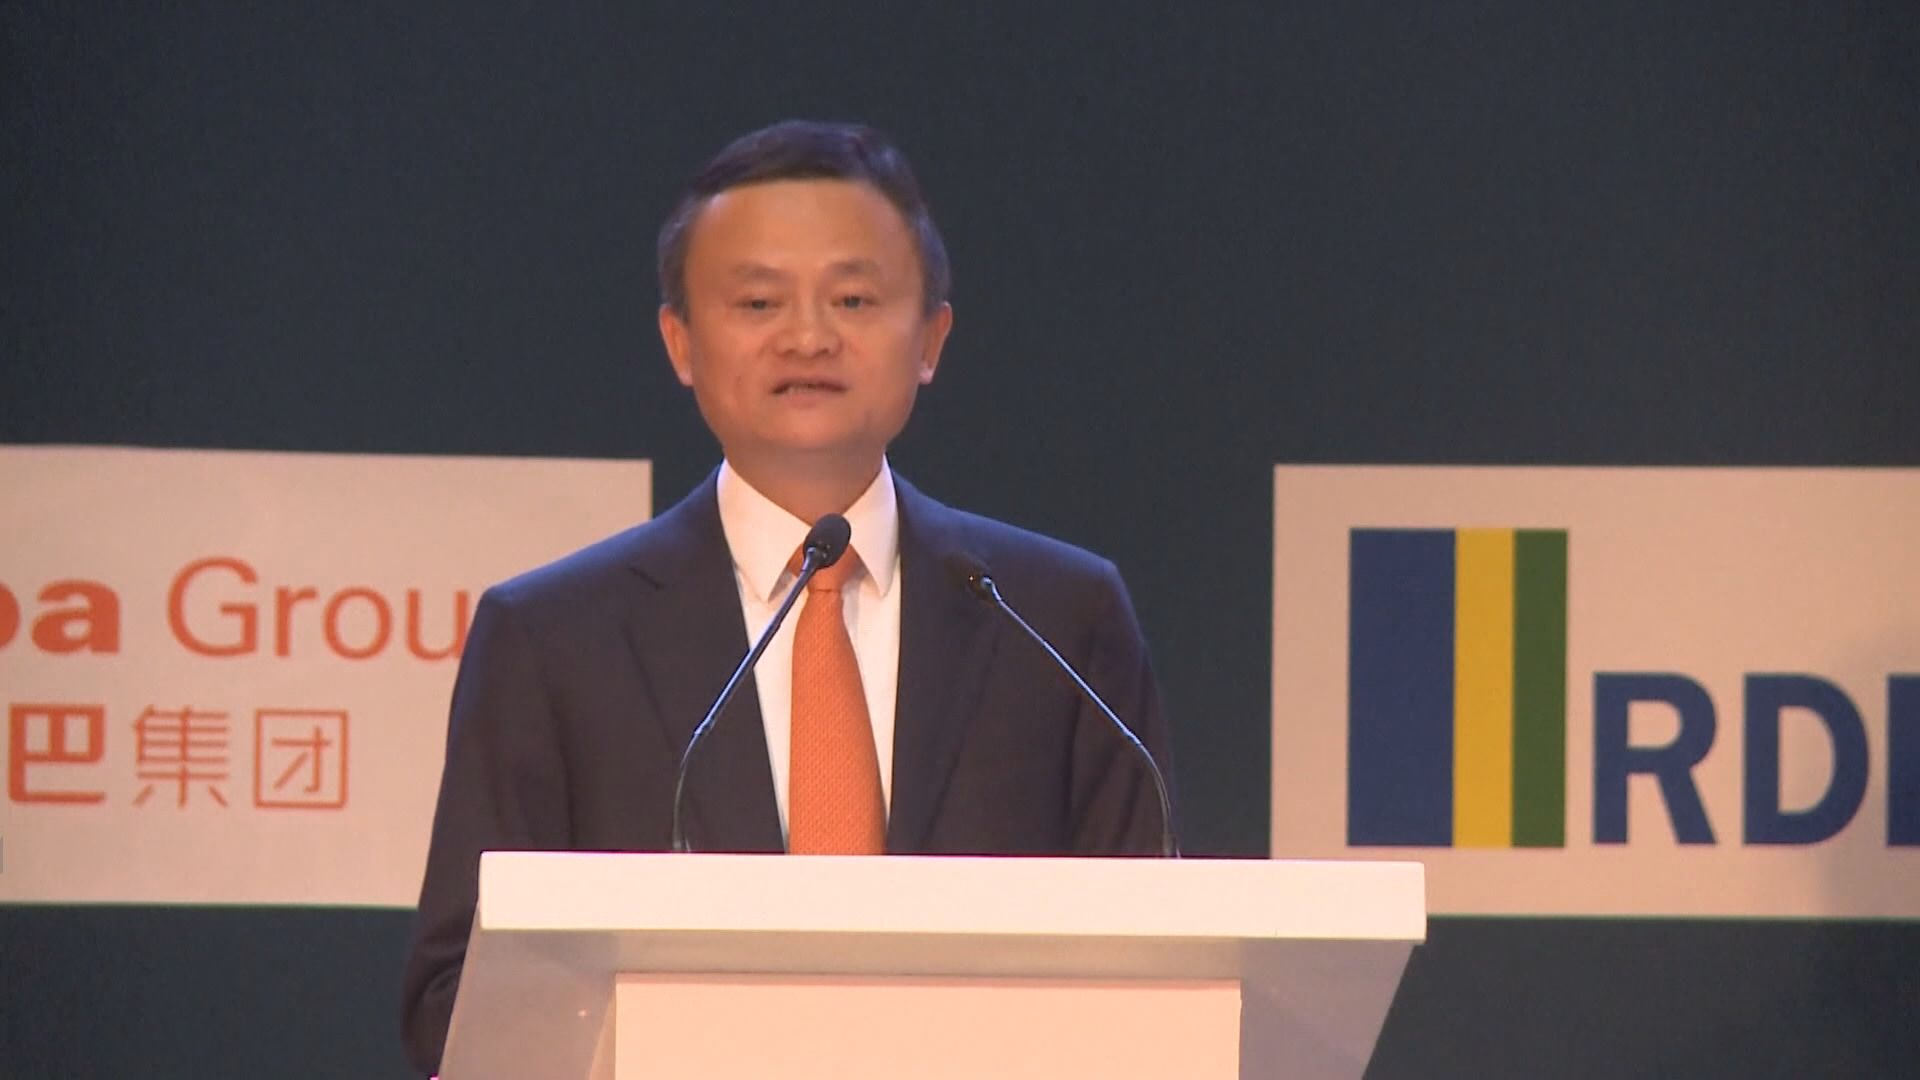 【張勇等接貨】傳馬雲已全數轉讓淘寶網持股